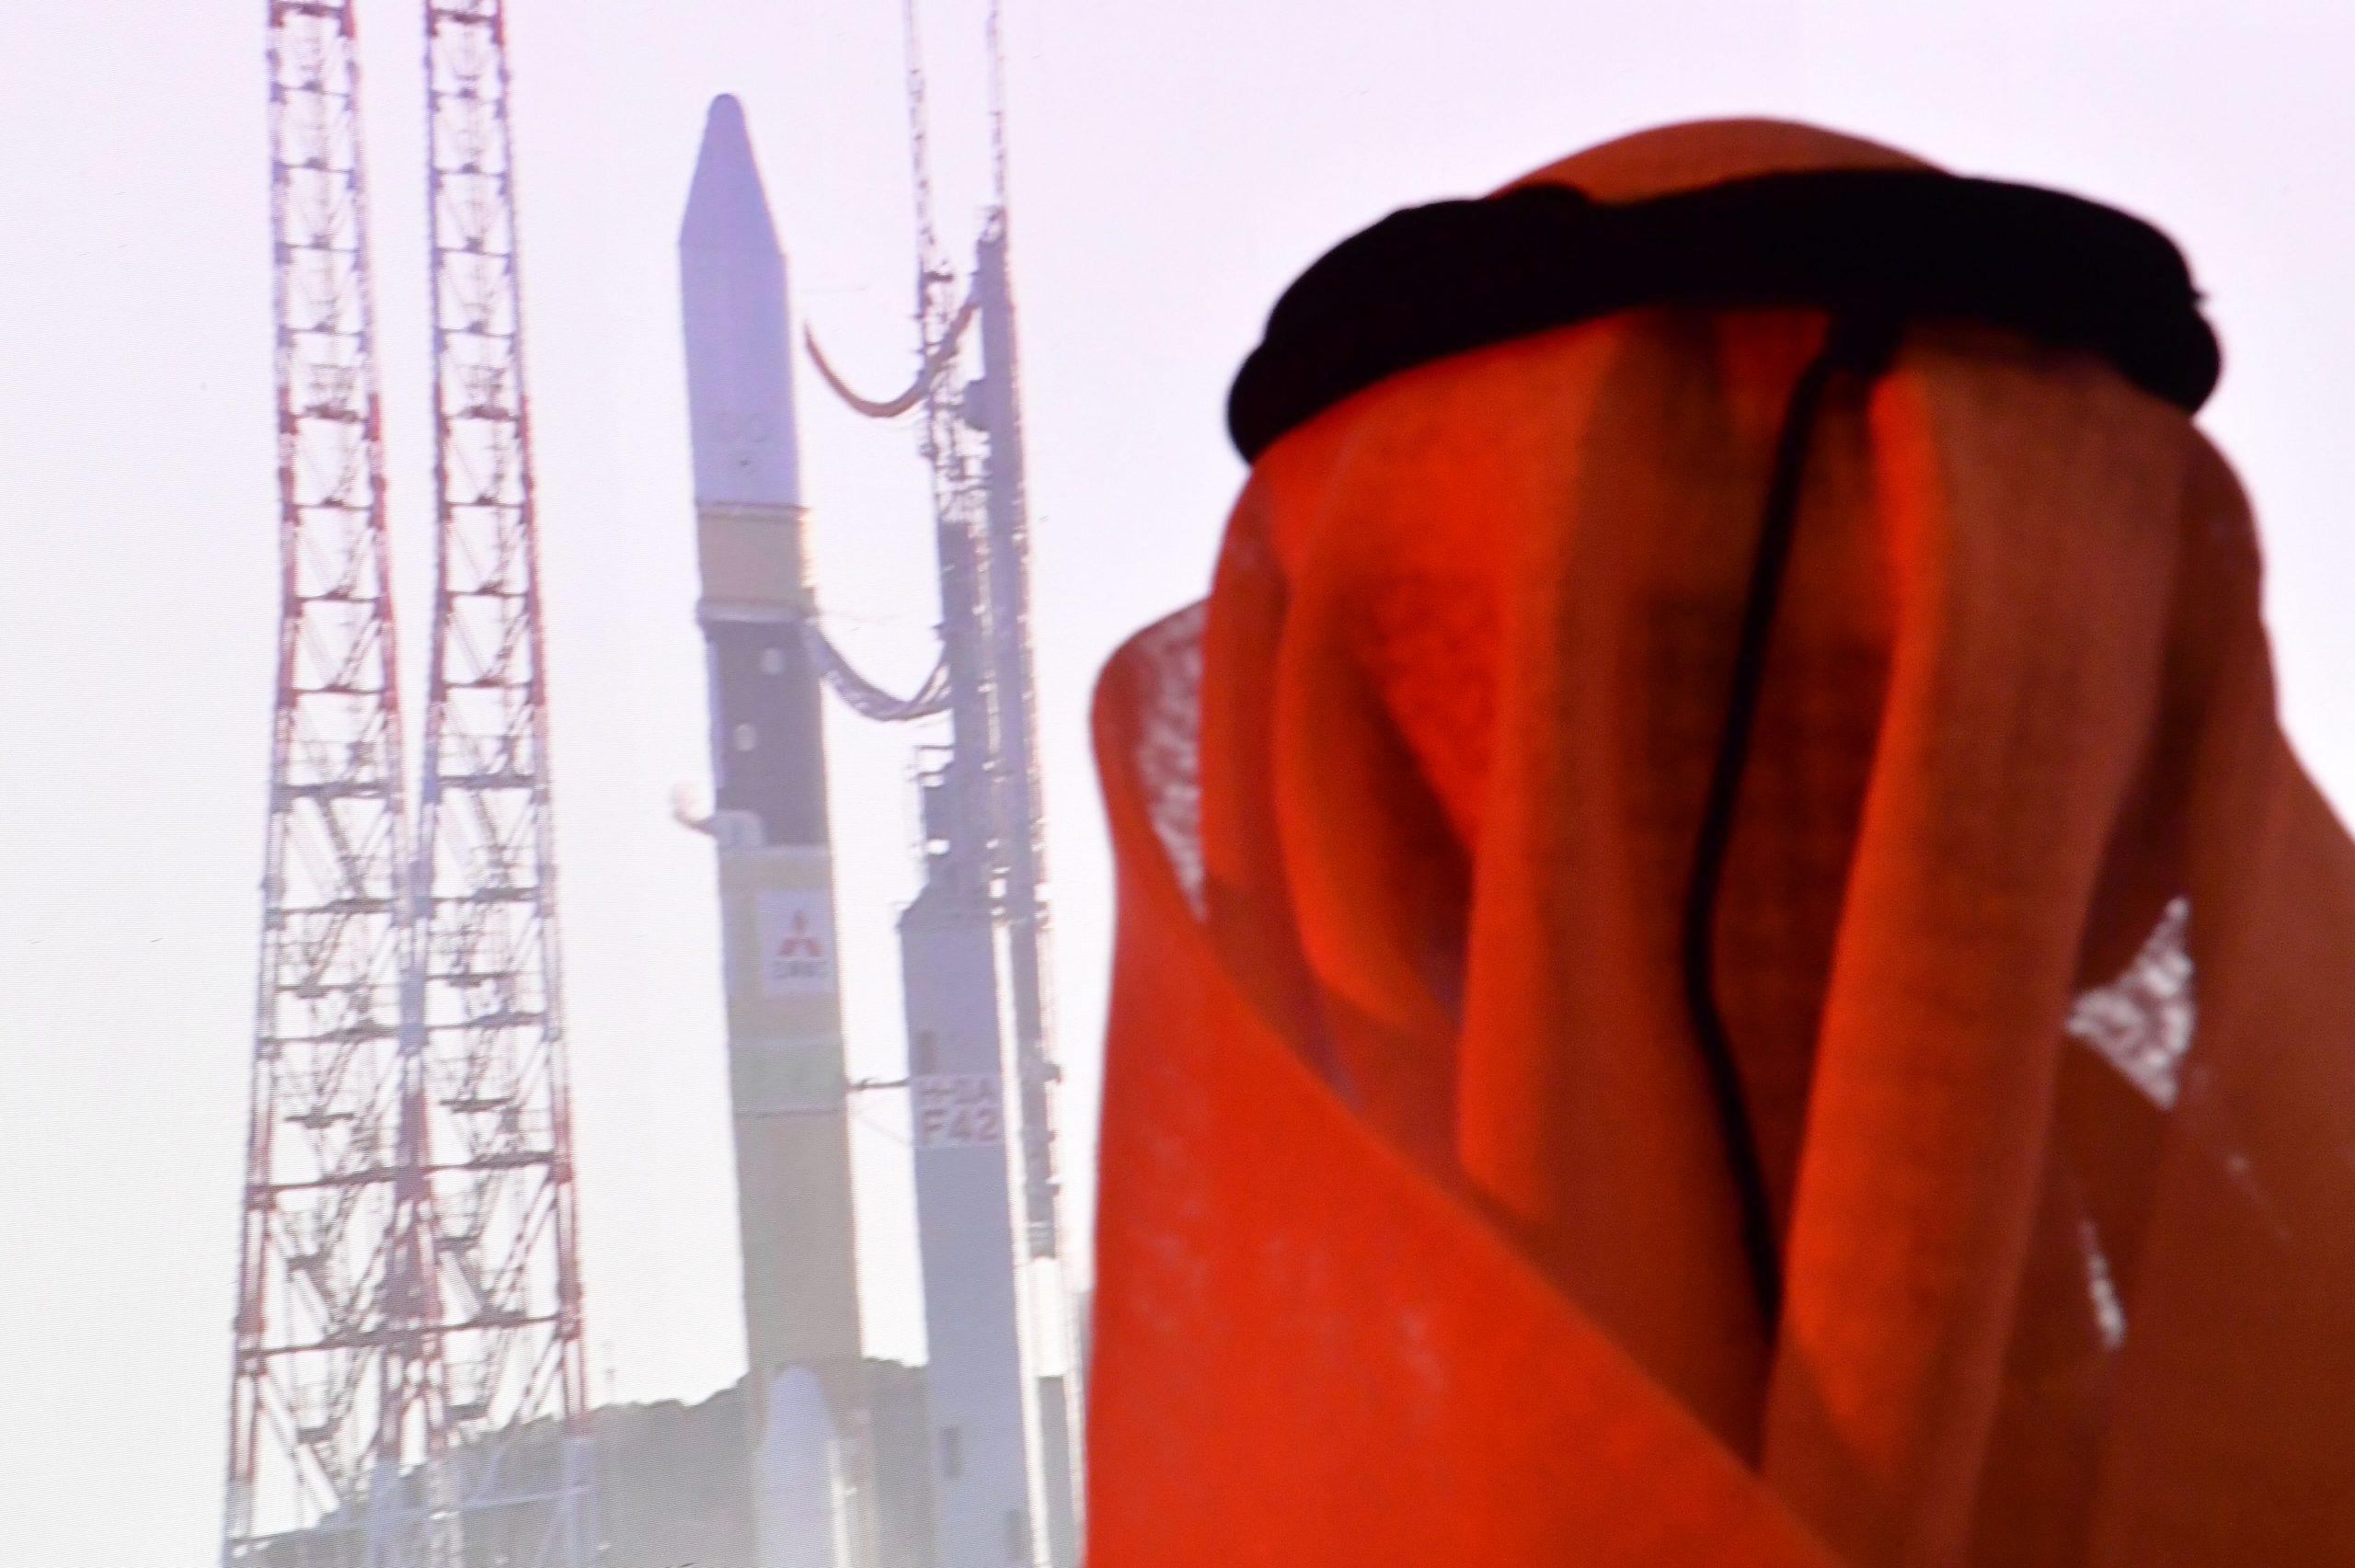 Zweiter Anlauf erfolgreich: Vereinigte Arabische Emirate schicken Sonde Richtung Mars